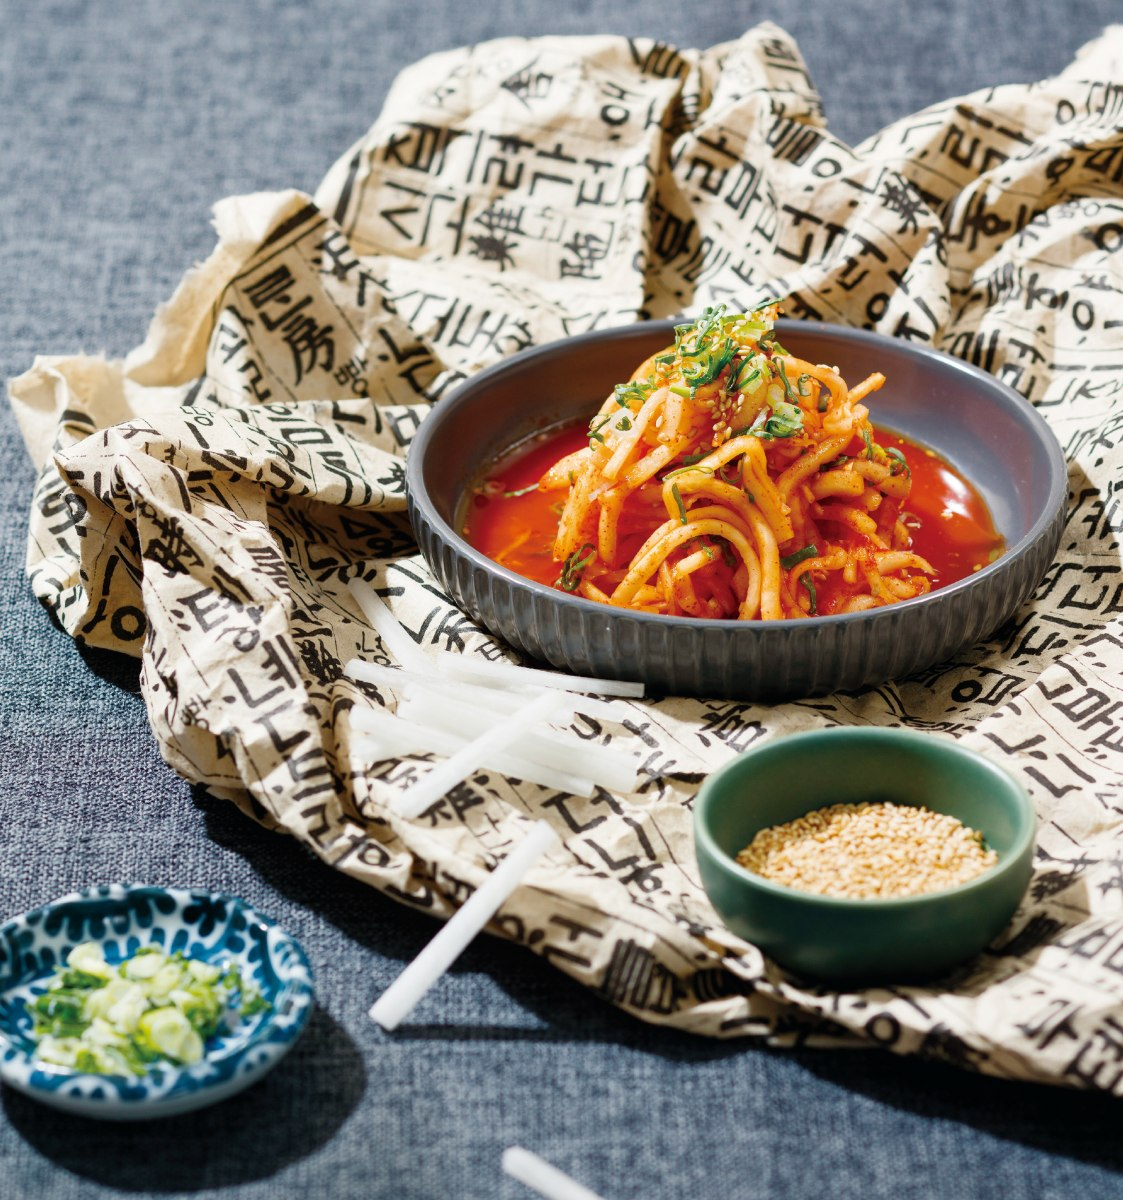 五星主廚教你做!3款韓式小菜超簡單,消夜搭泡麵吃開胃又唰嘴